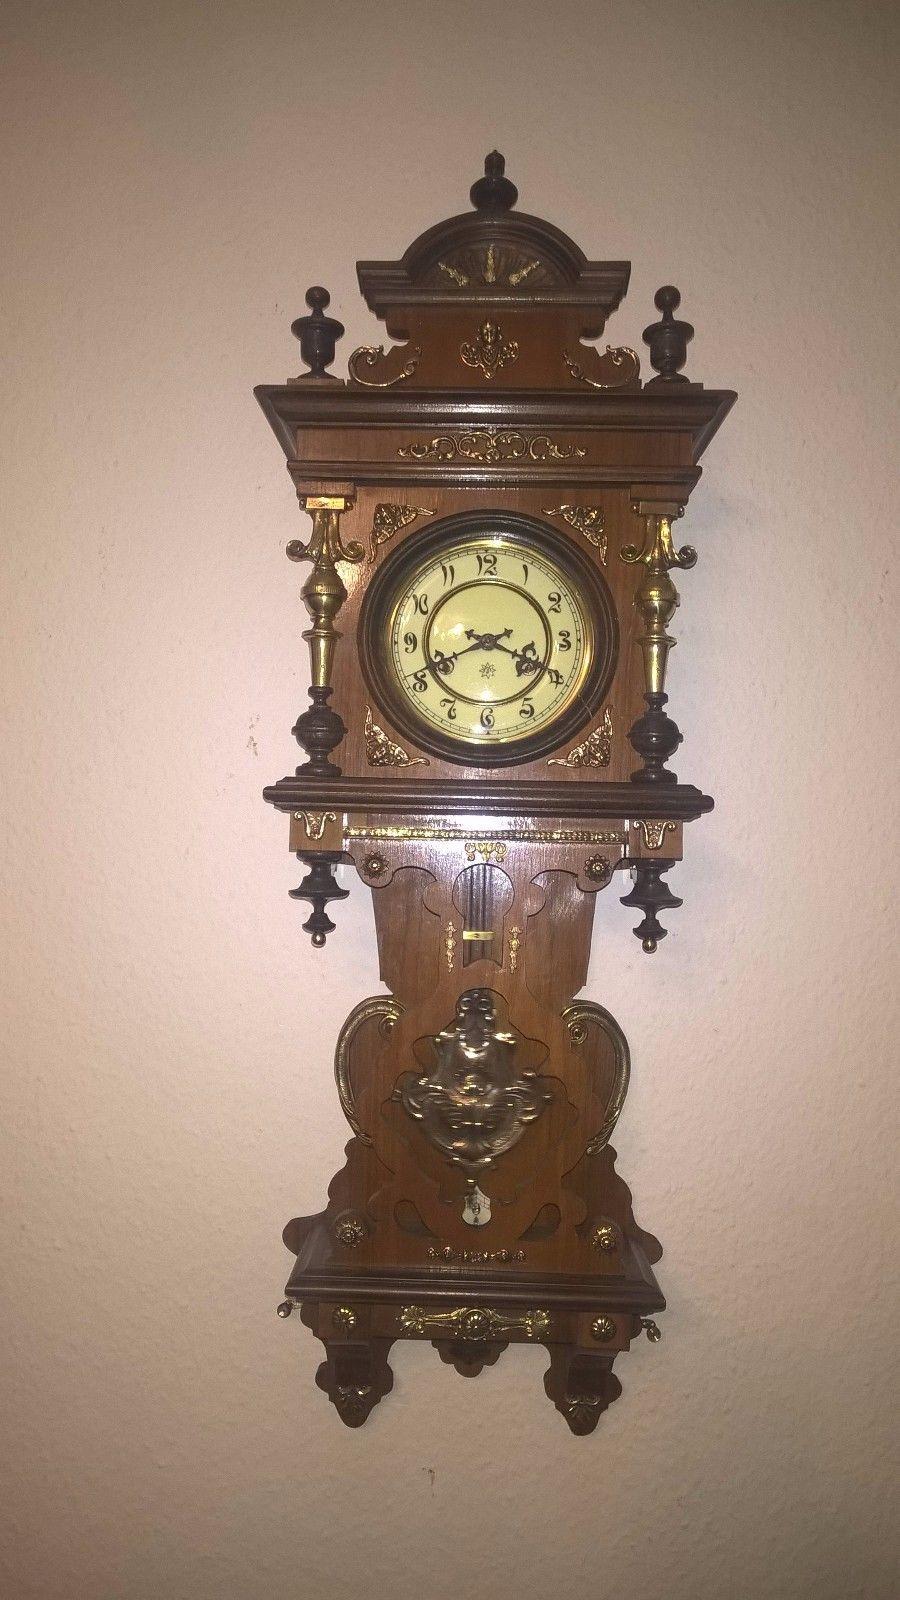 Seltene Wanduhr Von Junghans Mit Holz Und Bronze Foto Einschauen Antiquitäten Kunst Mobiliar Interieur Uhren Ebay Wanduhr Vintage Uhren Uhrideen